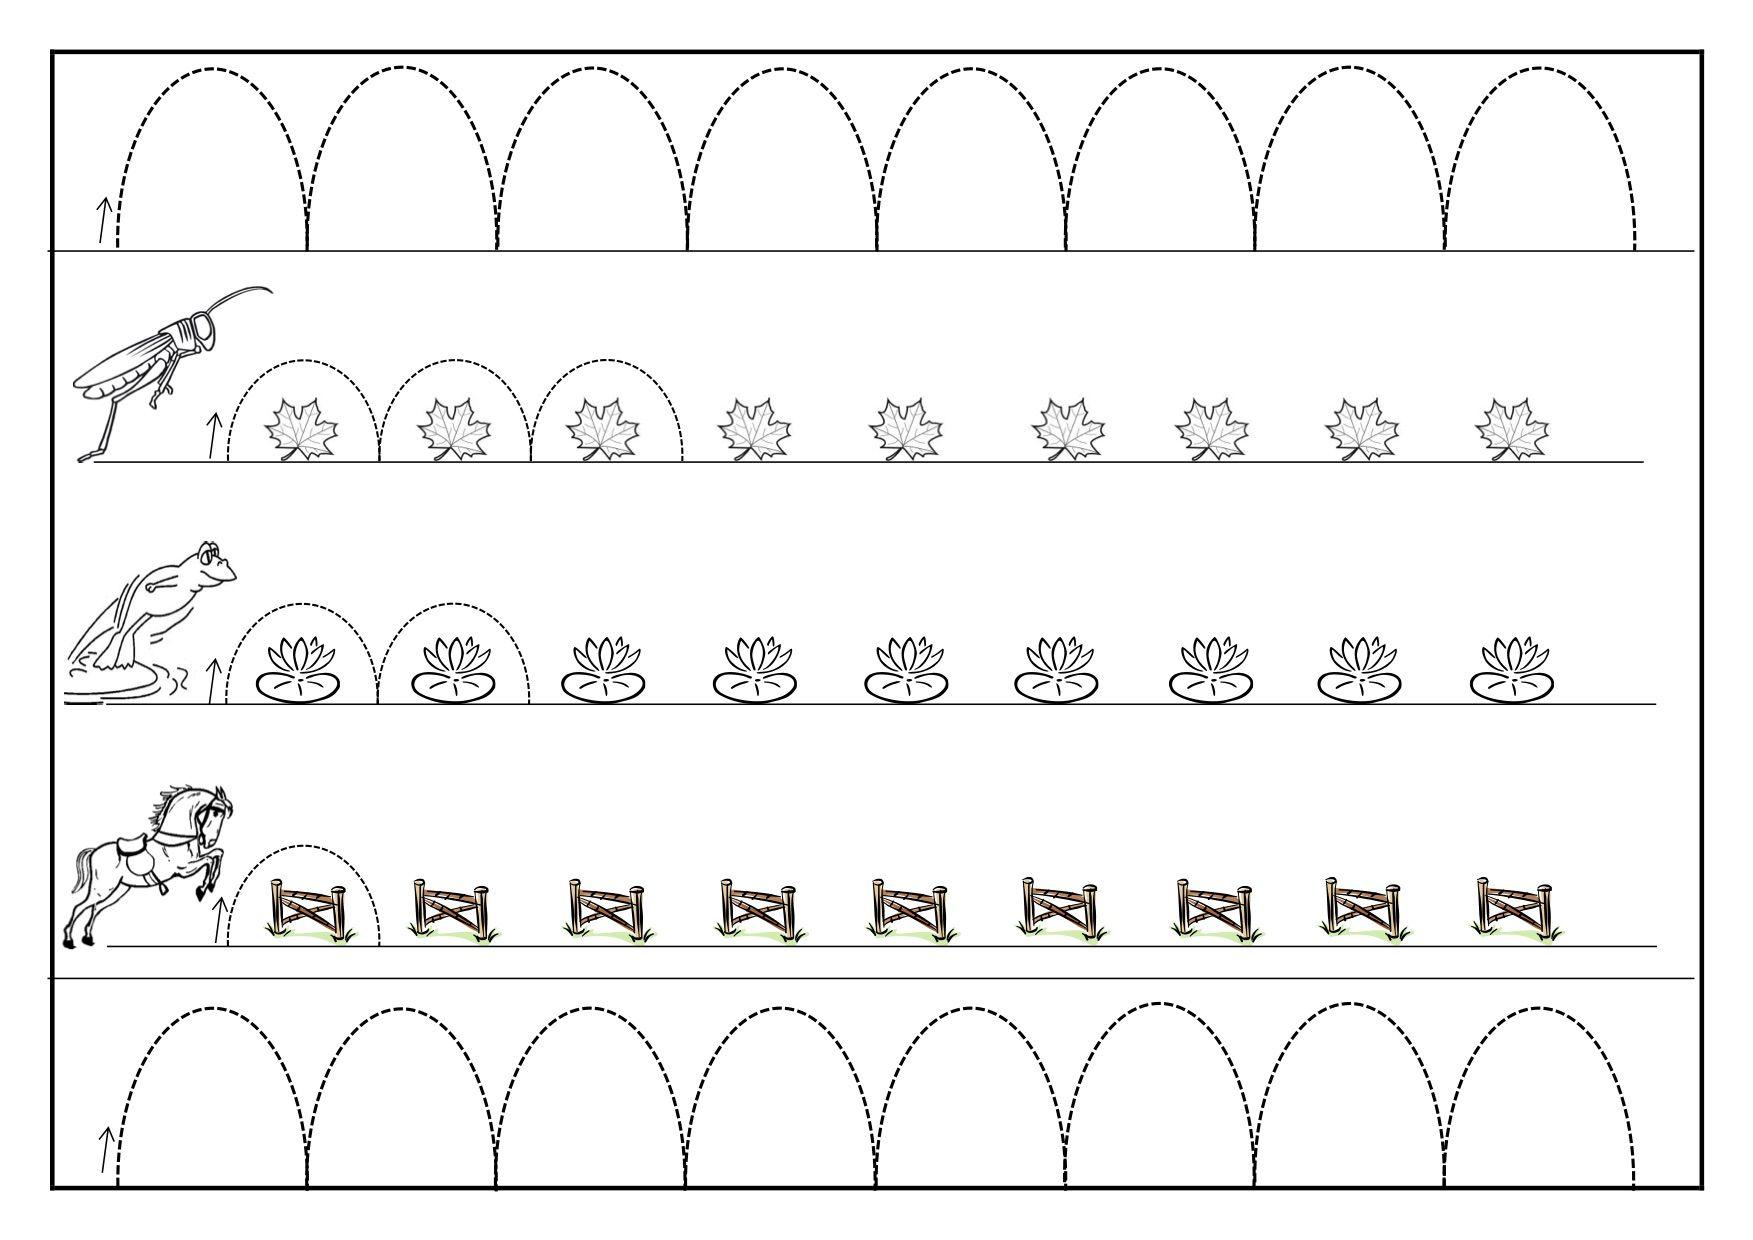 Quelques Fiches De Graphisme À Imprimer Pour La Maternelle intérieur Fiche Graphisme Maternelle